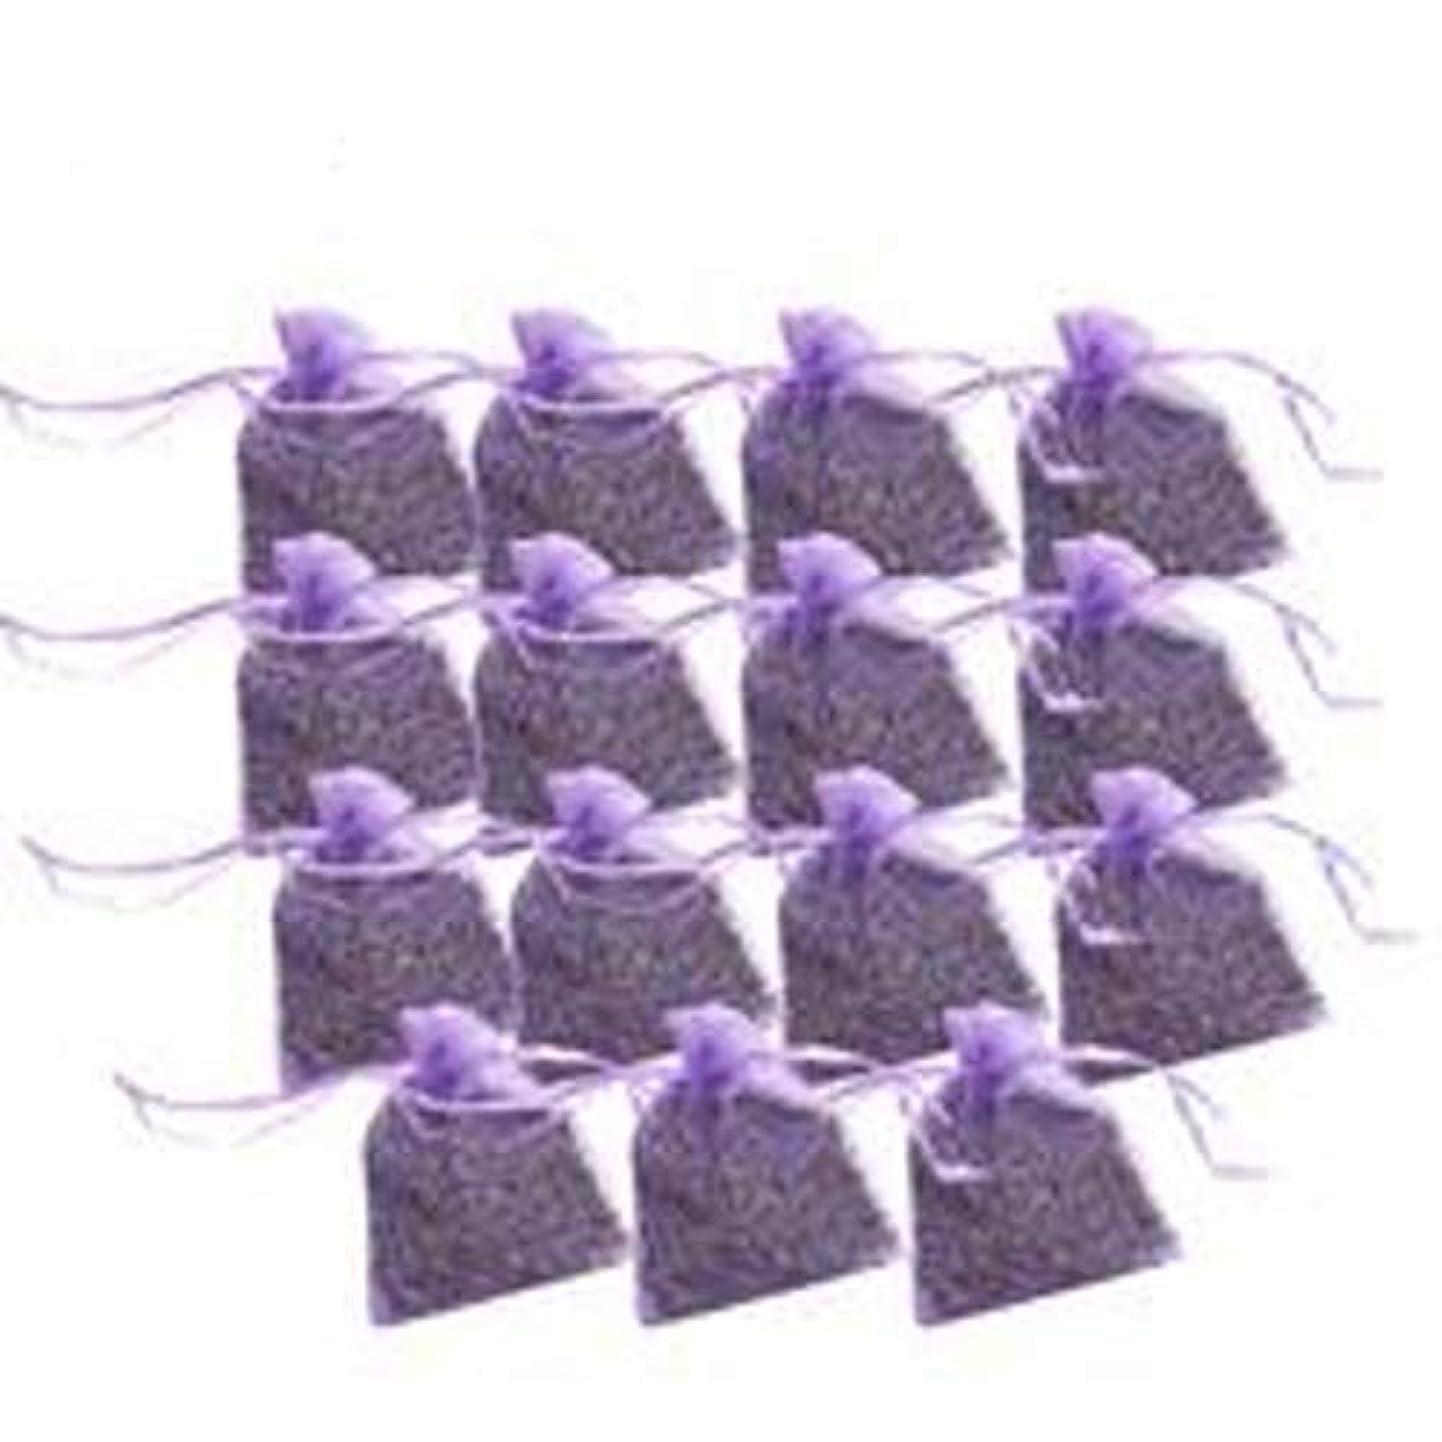 補充変装快い部屋飾りの香り袋 香り消臭サシェ クローゼットやワードローブ用の家庭用小袋は、ワードローブを開いたときにあなたに優しい経験を与える